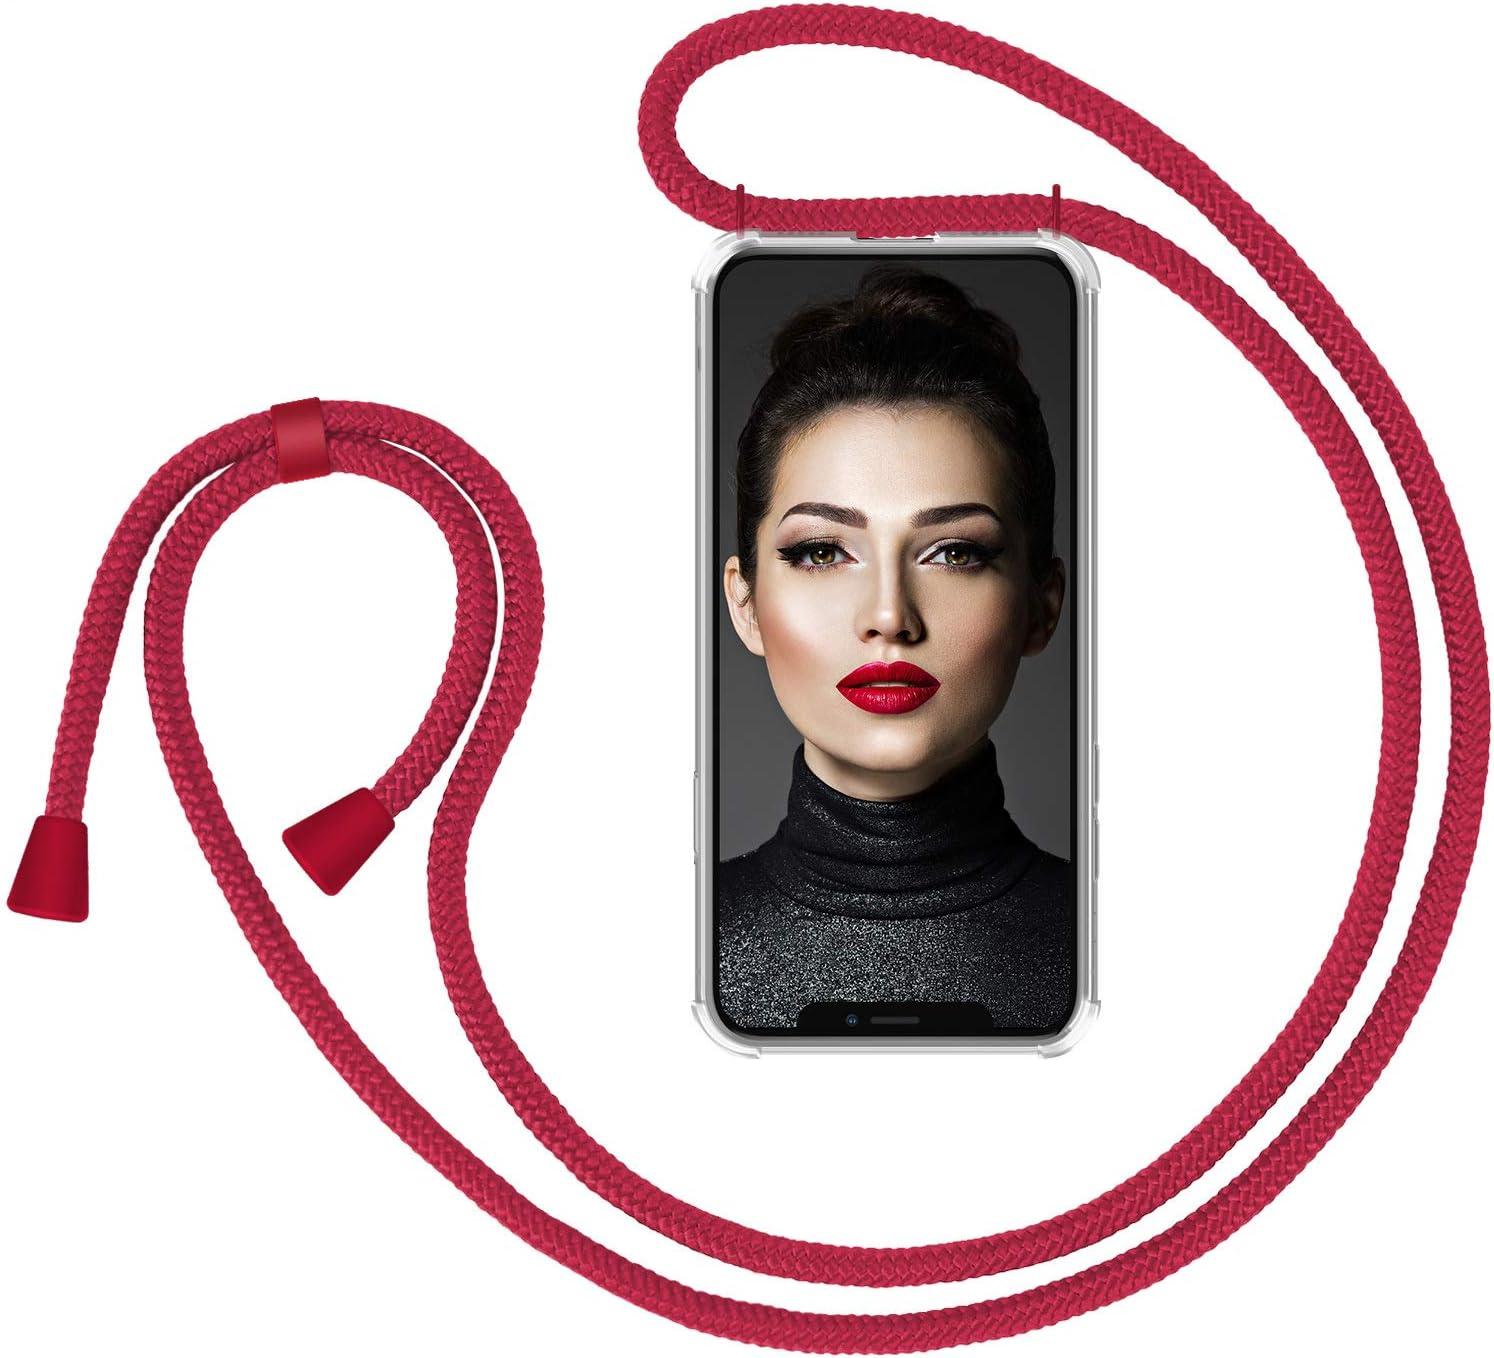 Carcasa con Correa para Celular para Llevar Funda con Collar de Cord/ón para Smartphone ZhinkArts Cadena para Tel/éfono M/óvil Compatible con Apple iPhone XS MAX Oro//Marr/ón